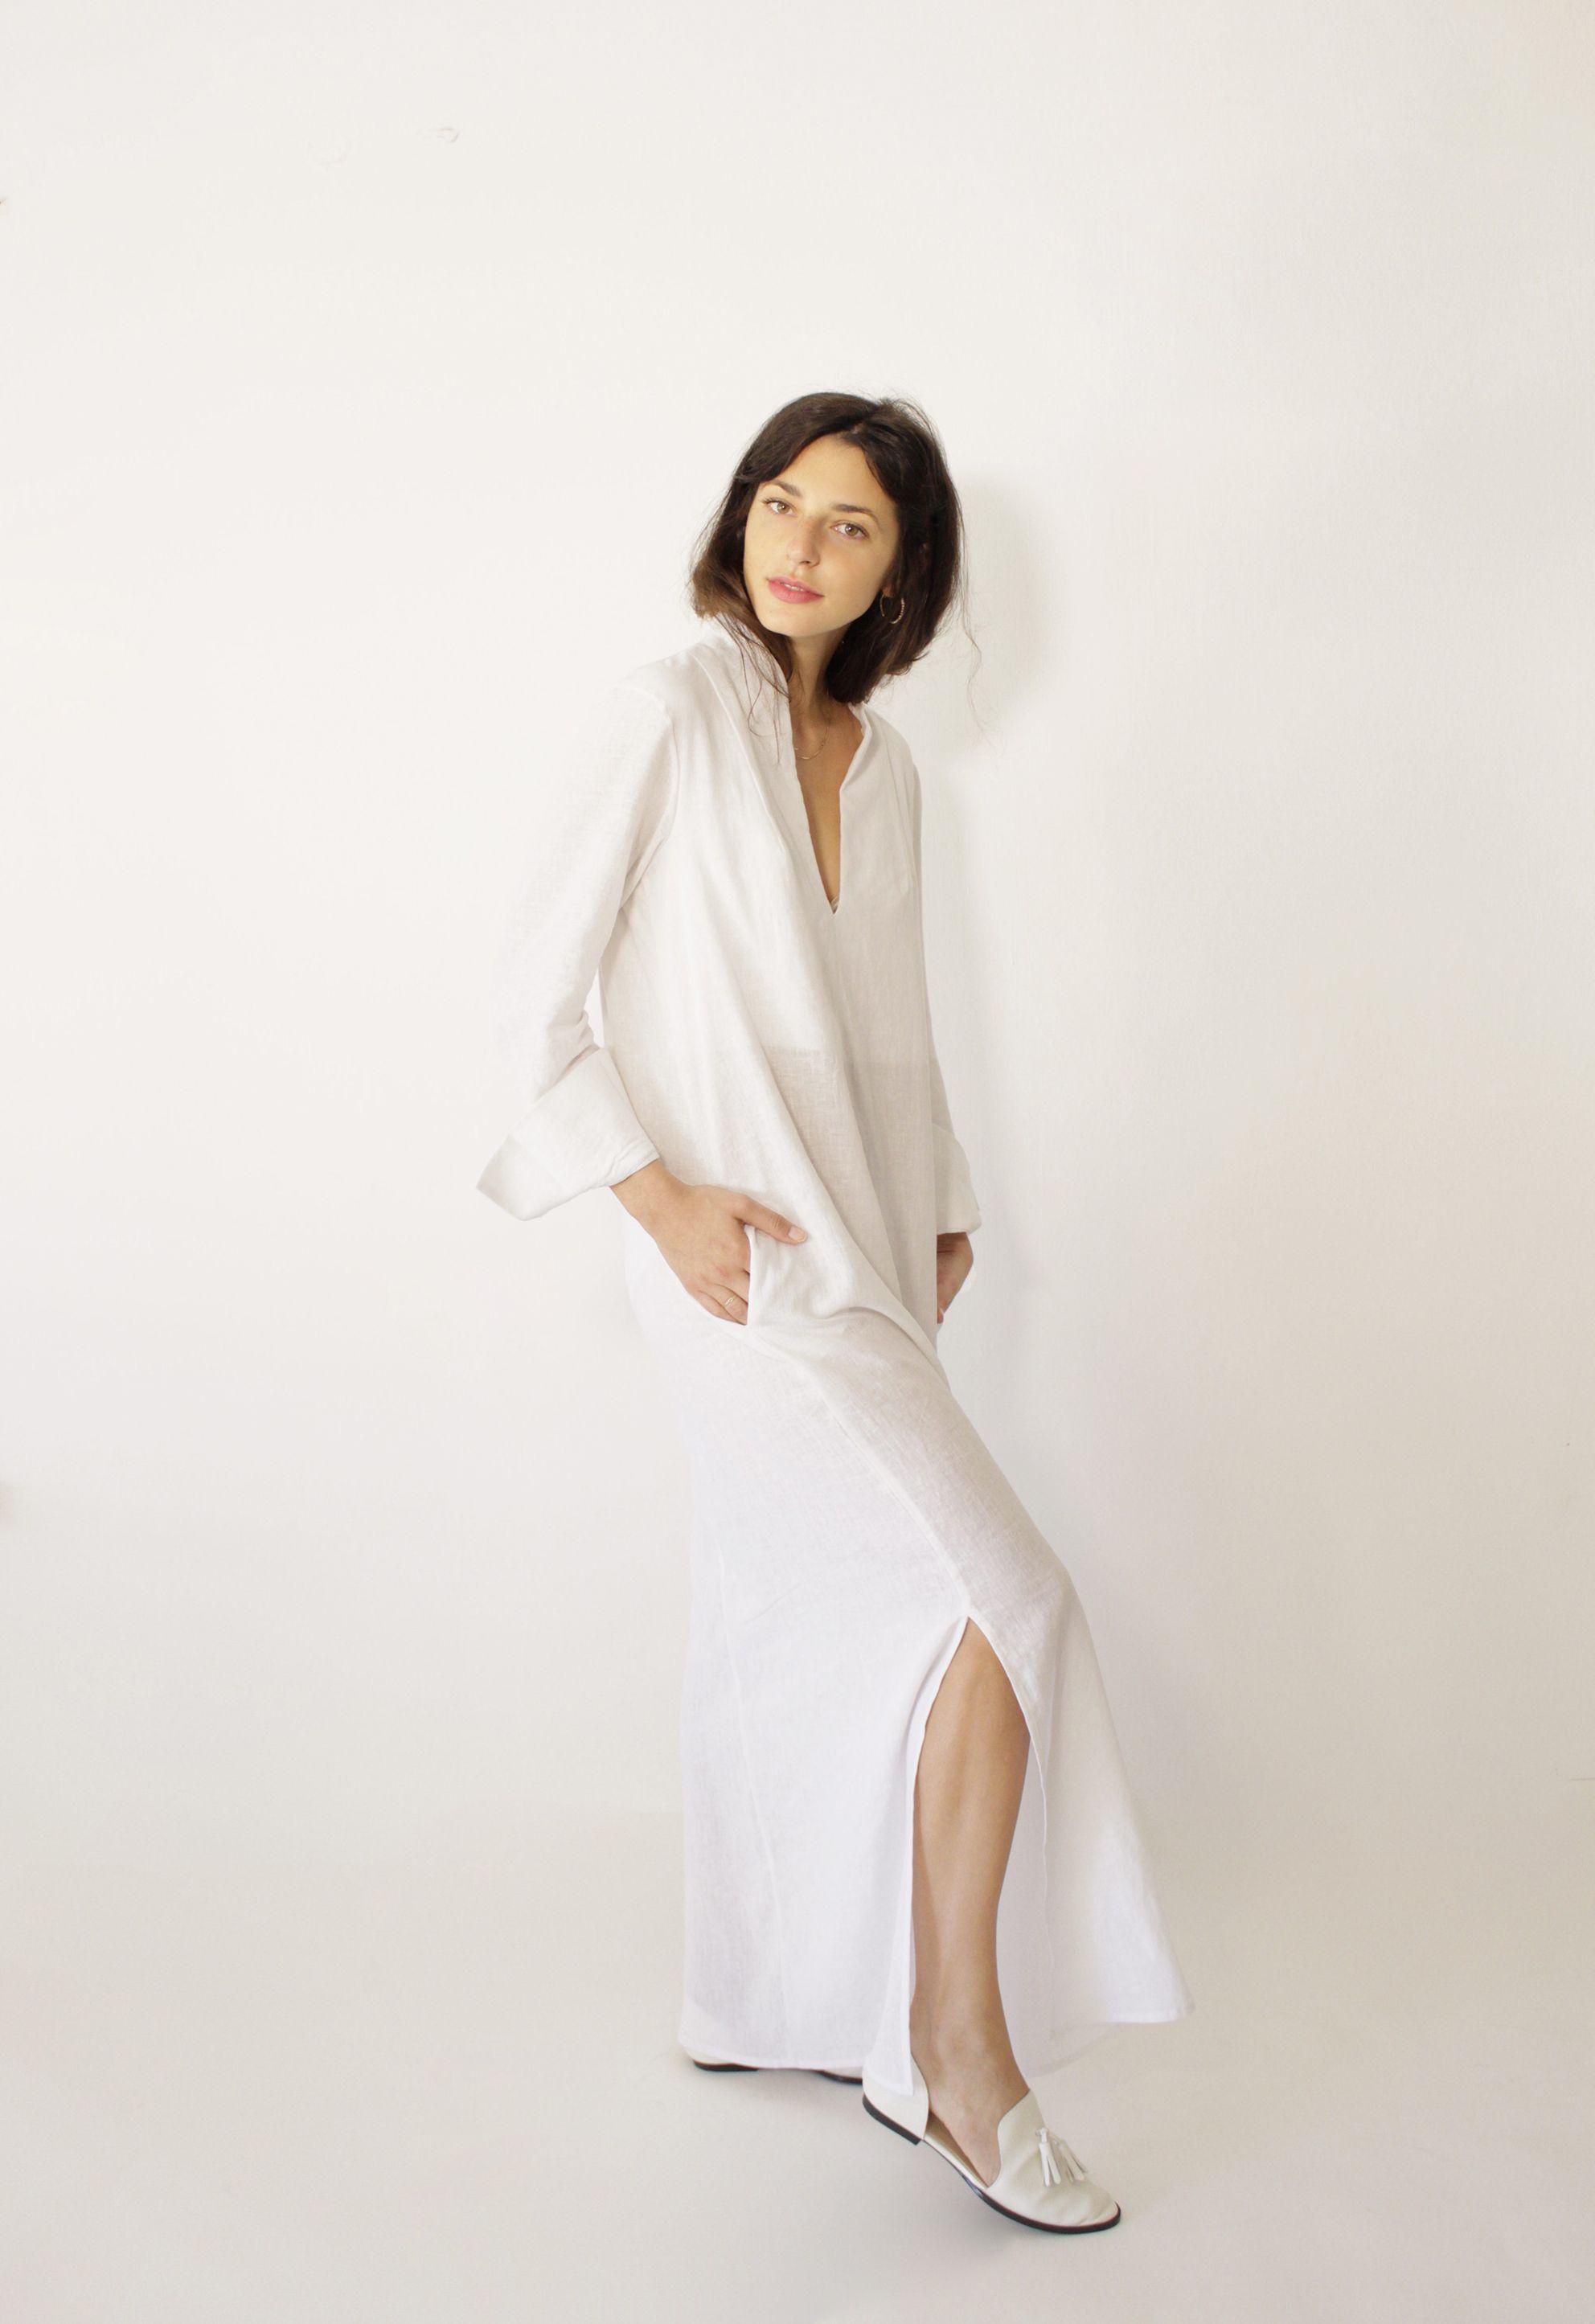 White Linen Plus Size Wedding Dresses | www.topsimages.com